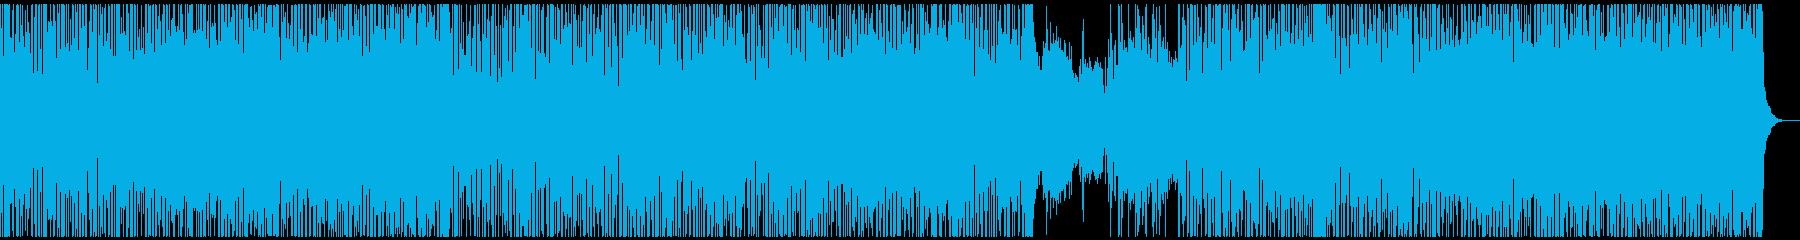 エレクトロでクールなスムースジャズの再生済みの波形